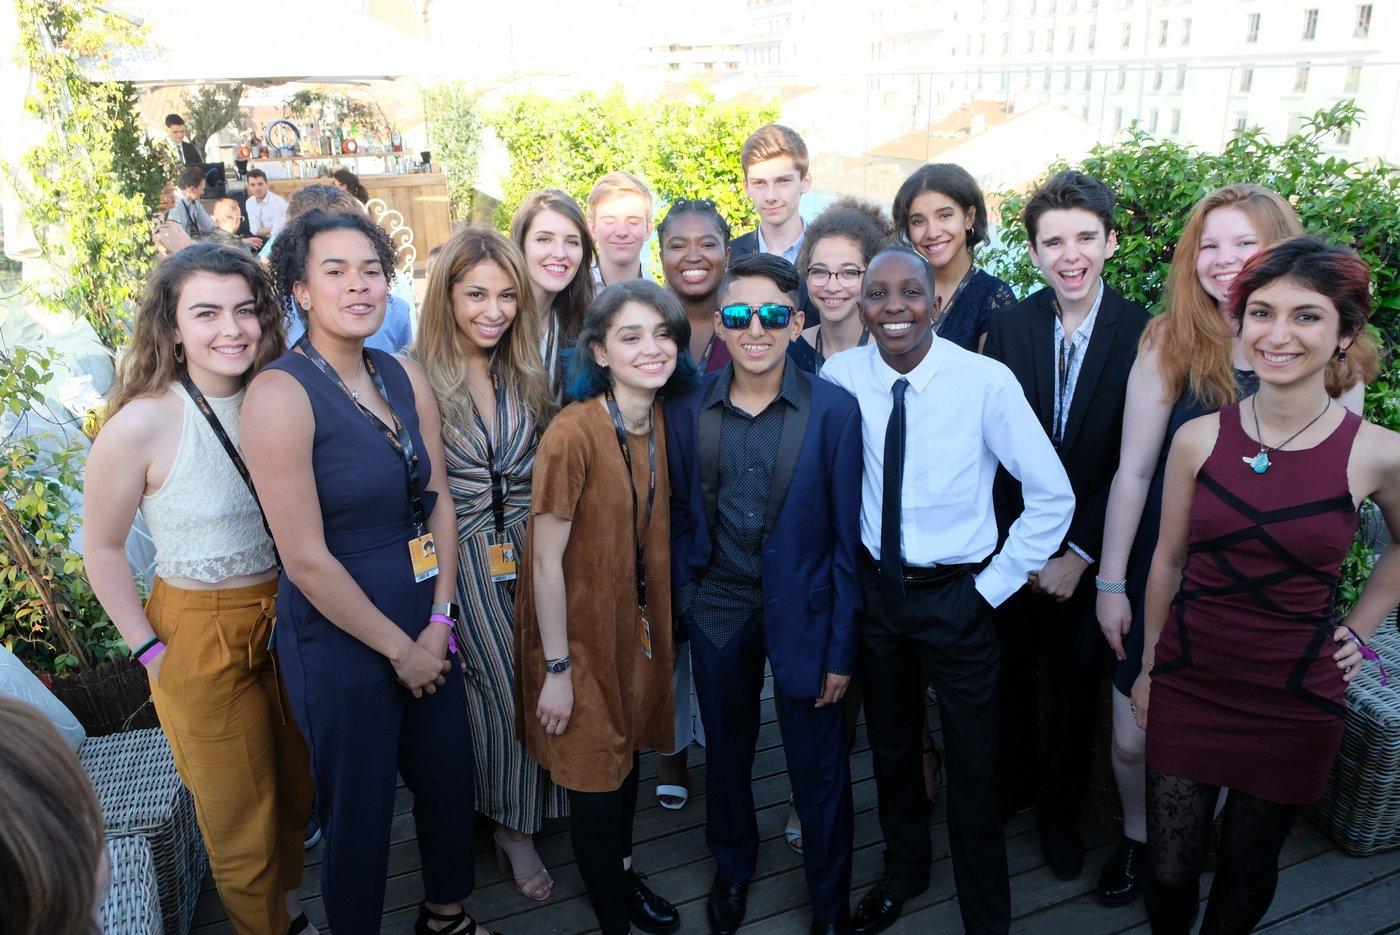 Moteur! est un projet sociétal pour l'égalité des chances destiné aux 14-22 ans, qui encourage les jeunes à trouver leur inspiration, pour passer à l'action.